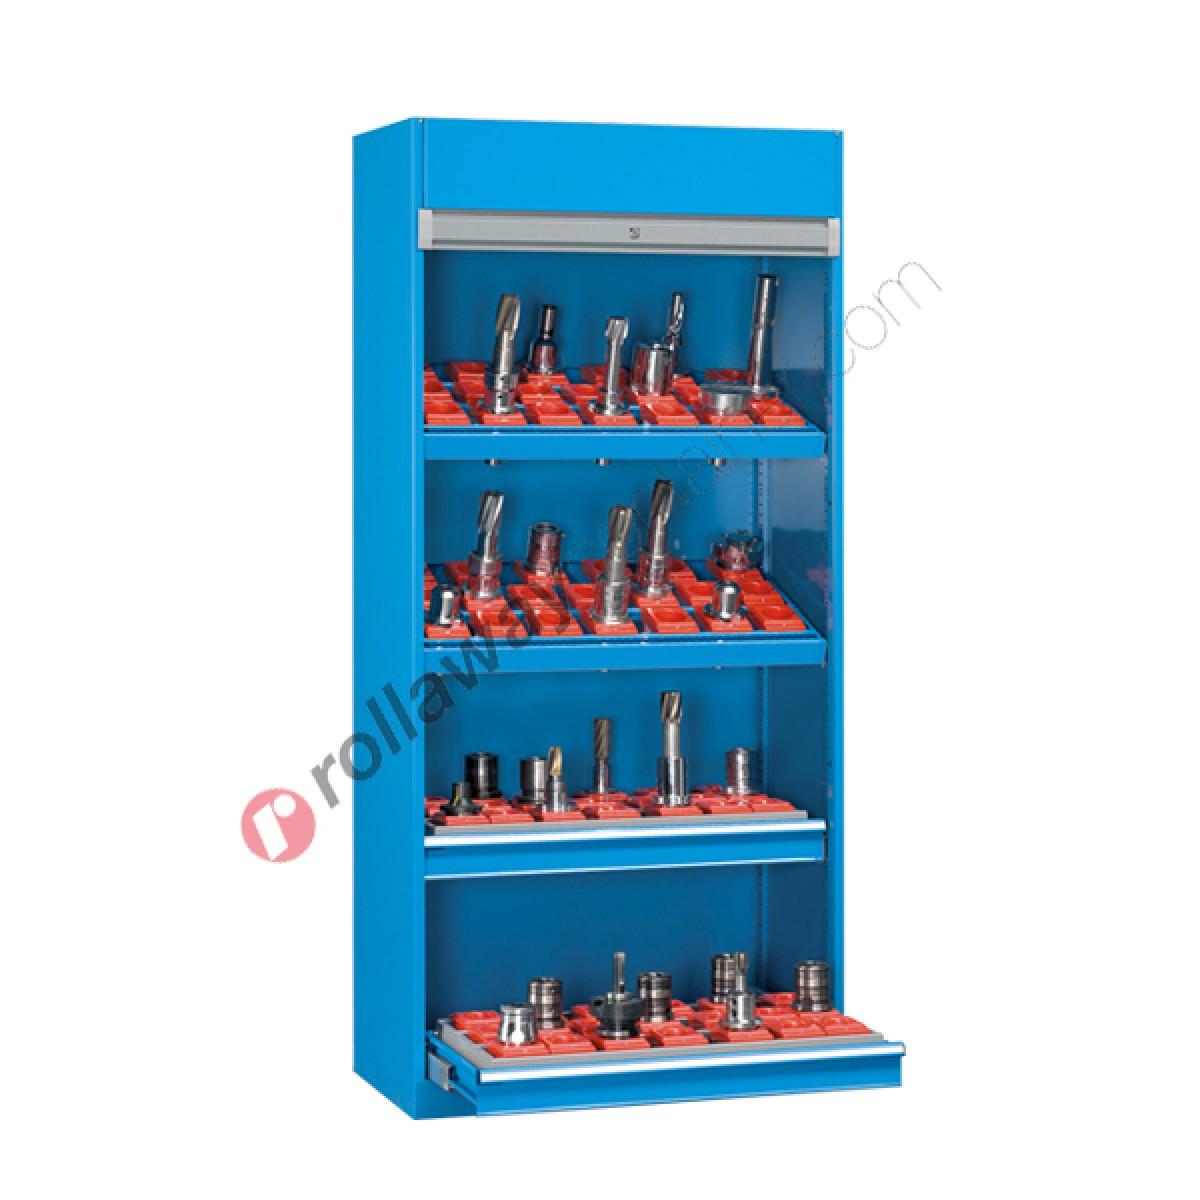 armoire rangement outils 1023x555 h 2200 mm 1 porte d obturation